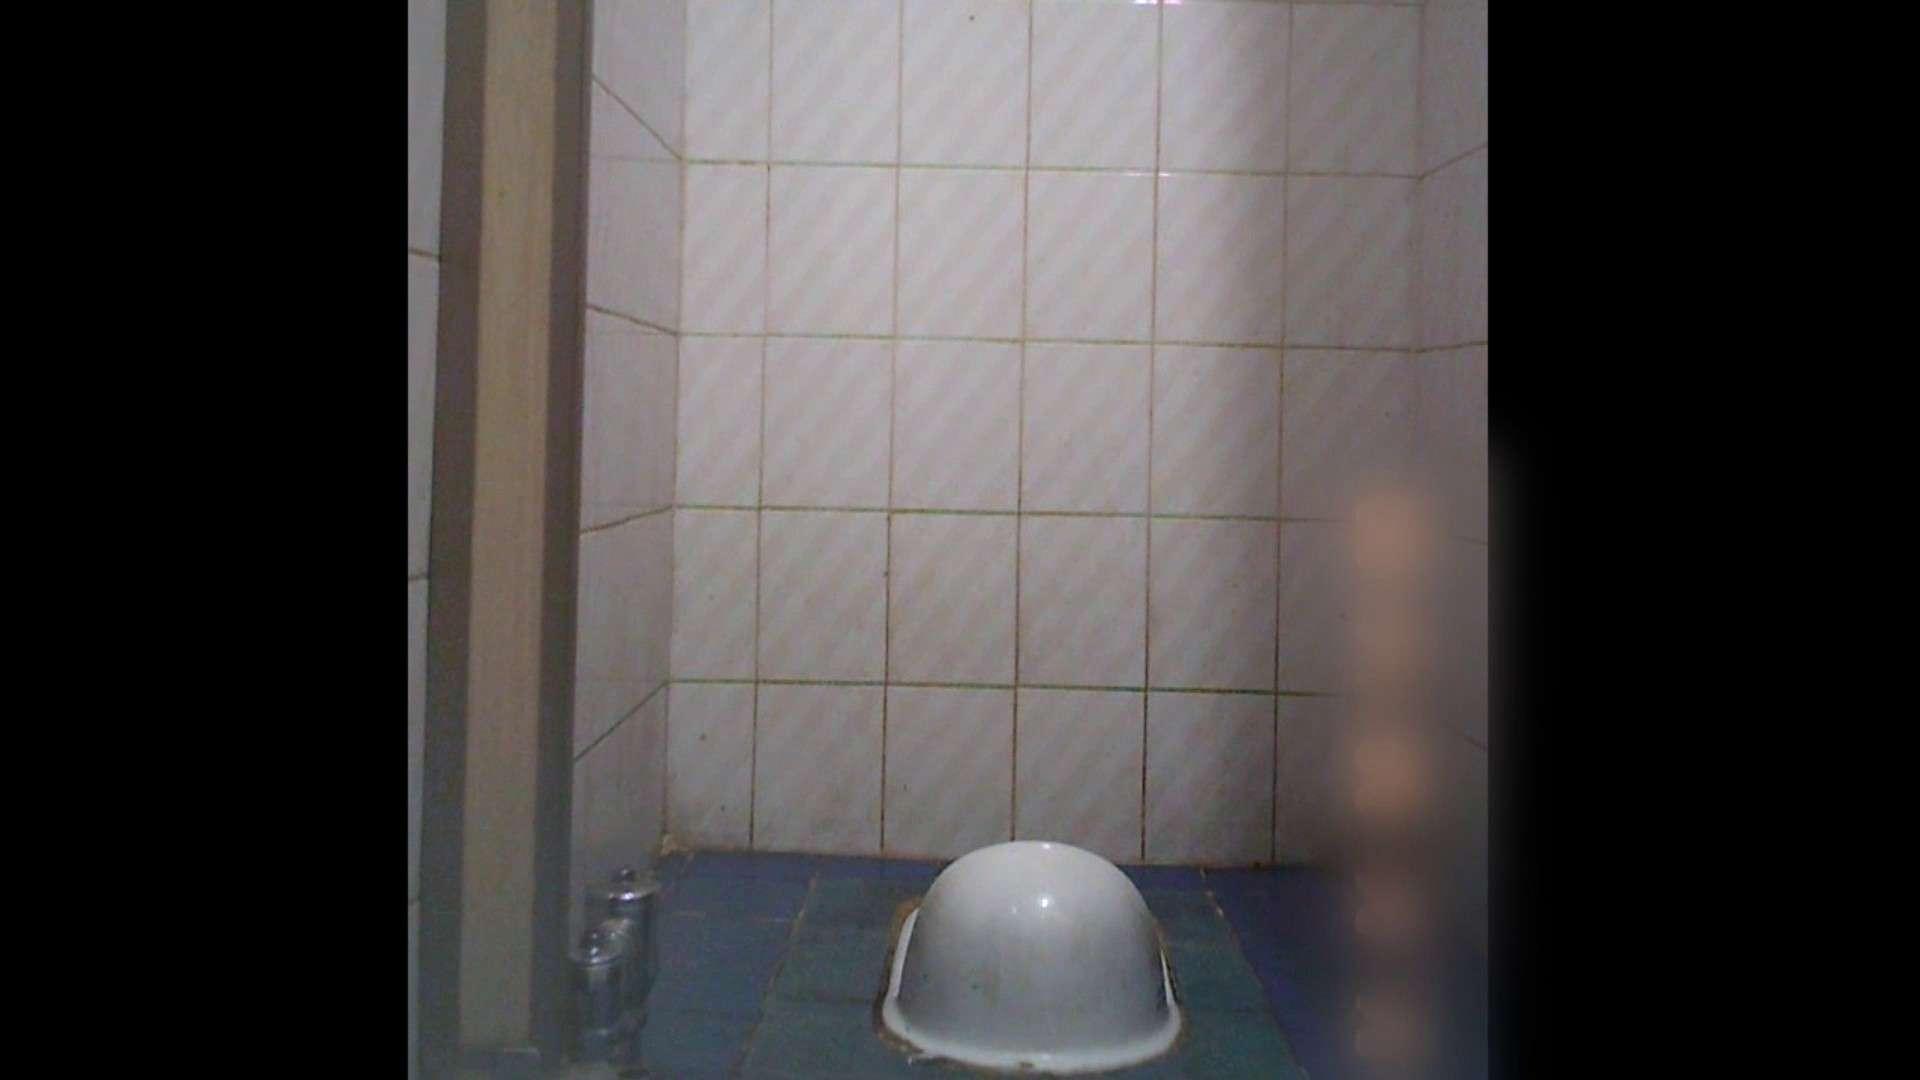 潜入!!韓国秘密のトイレ!Vol.12 エロティックなOL セックス画像 55画像 42